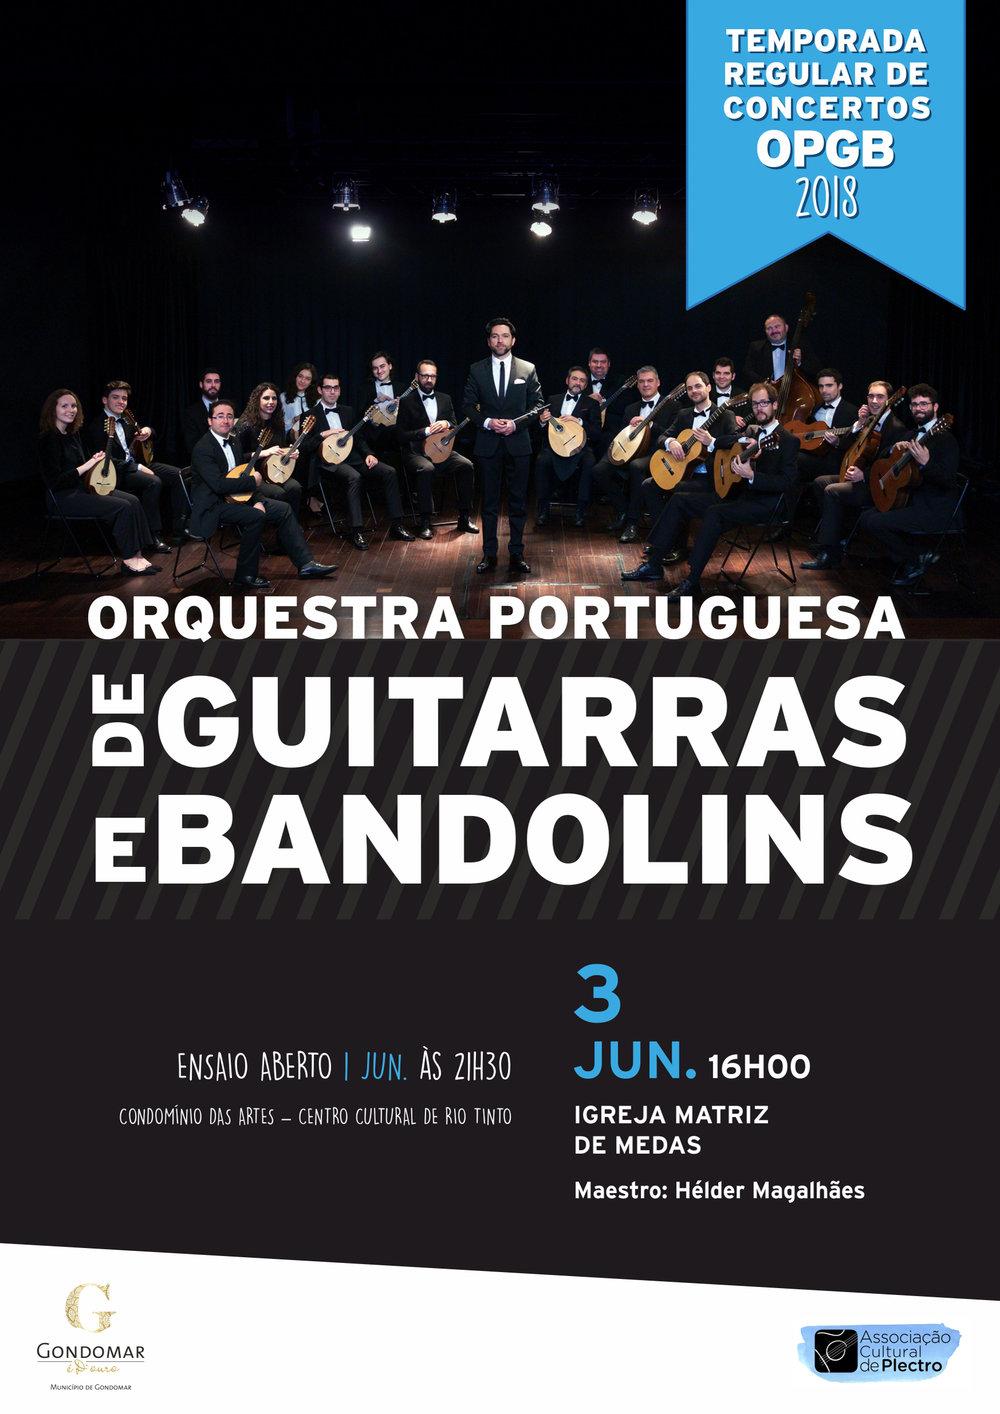 Cartaz Temporada Regular de Concertos OPGB 2018_junho.jpg